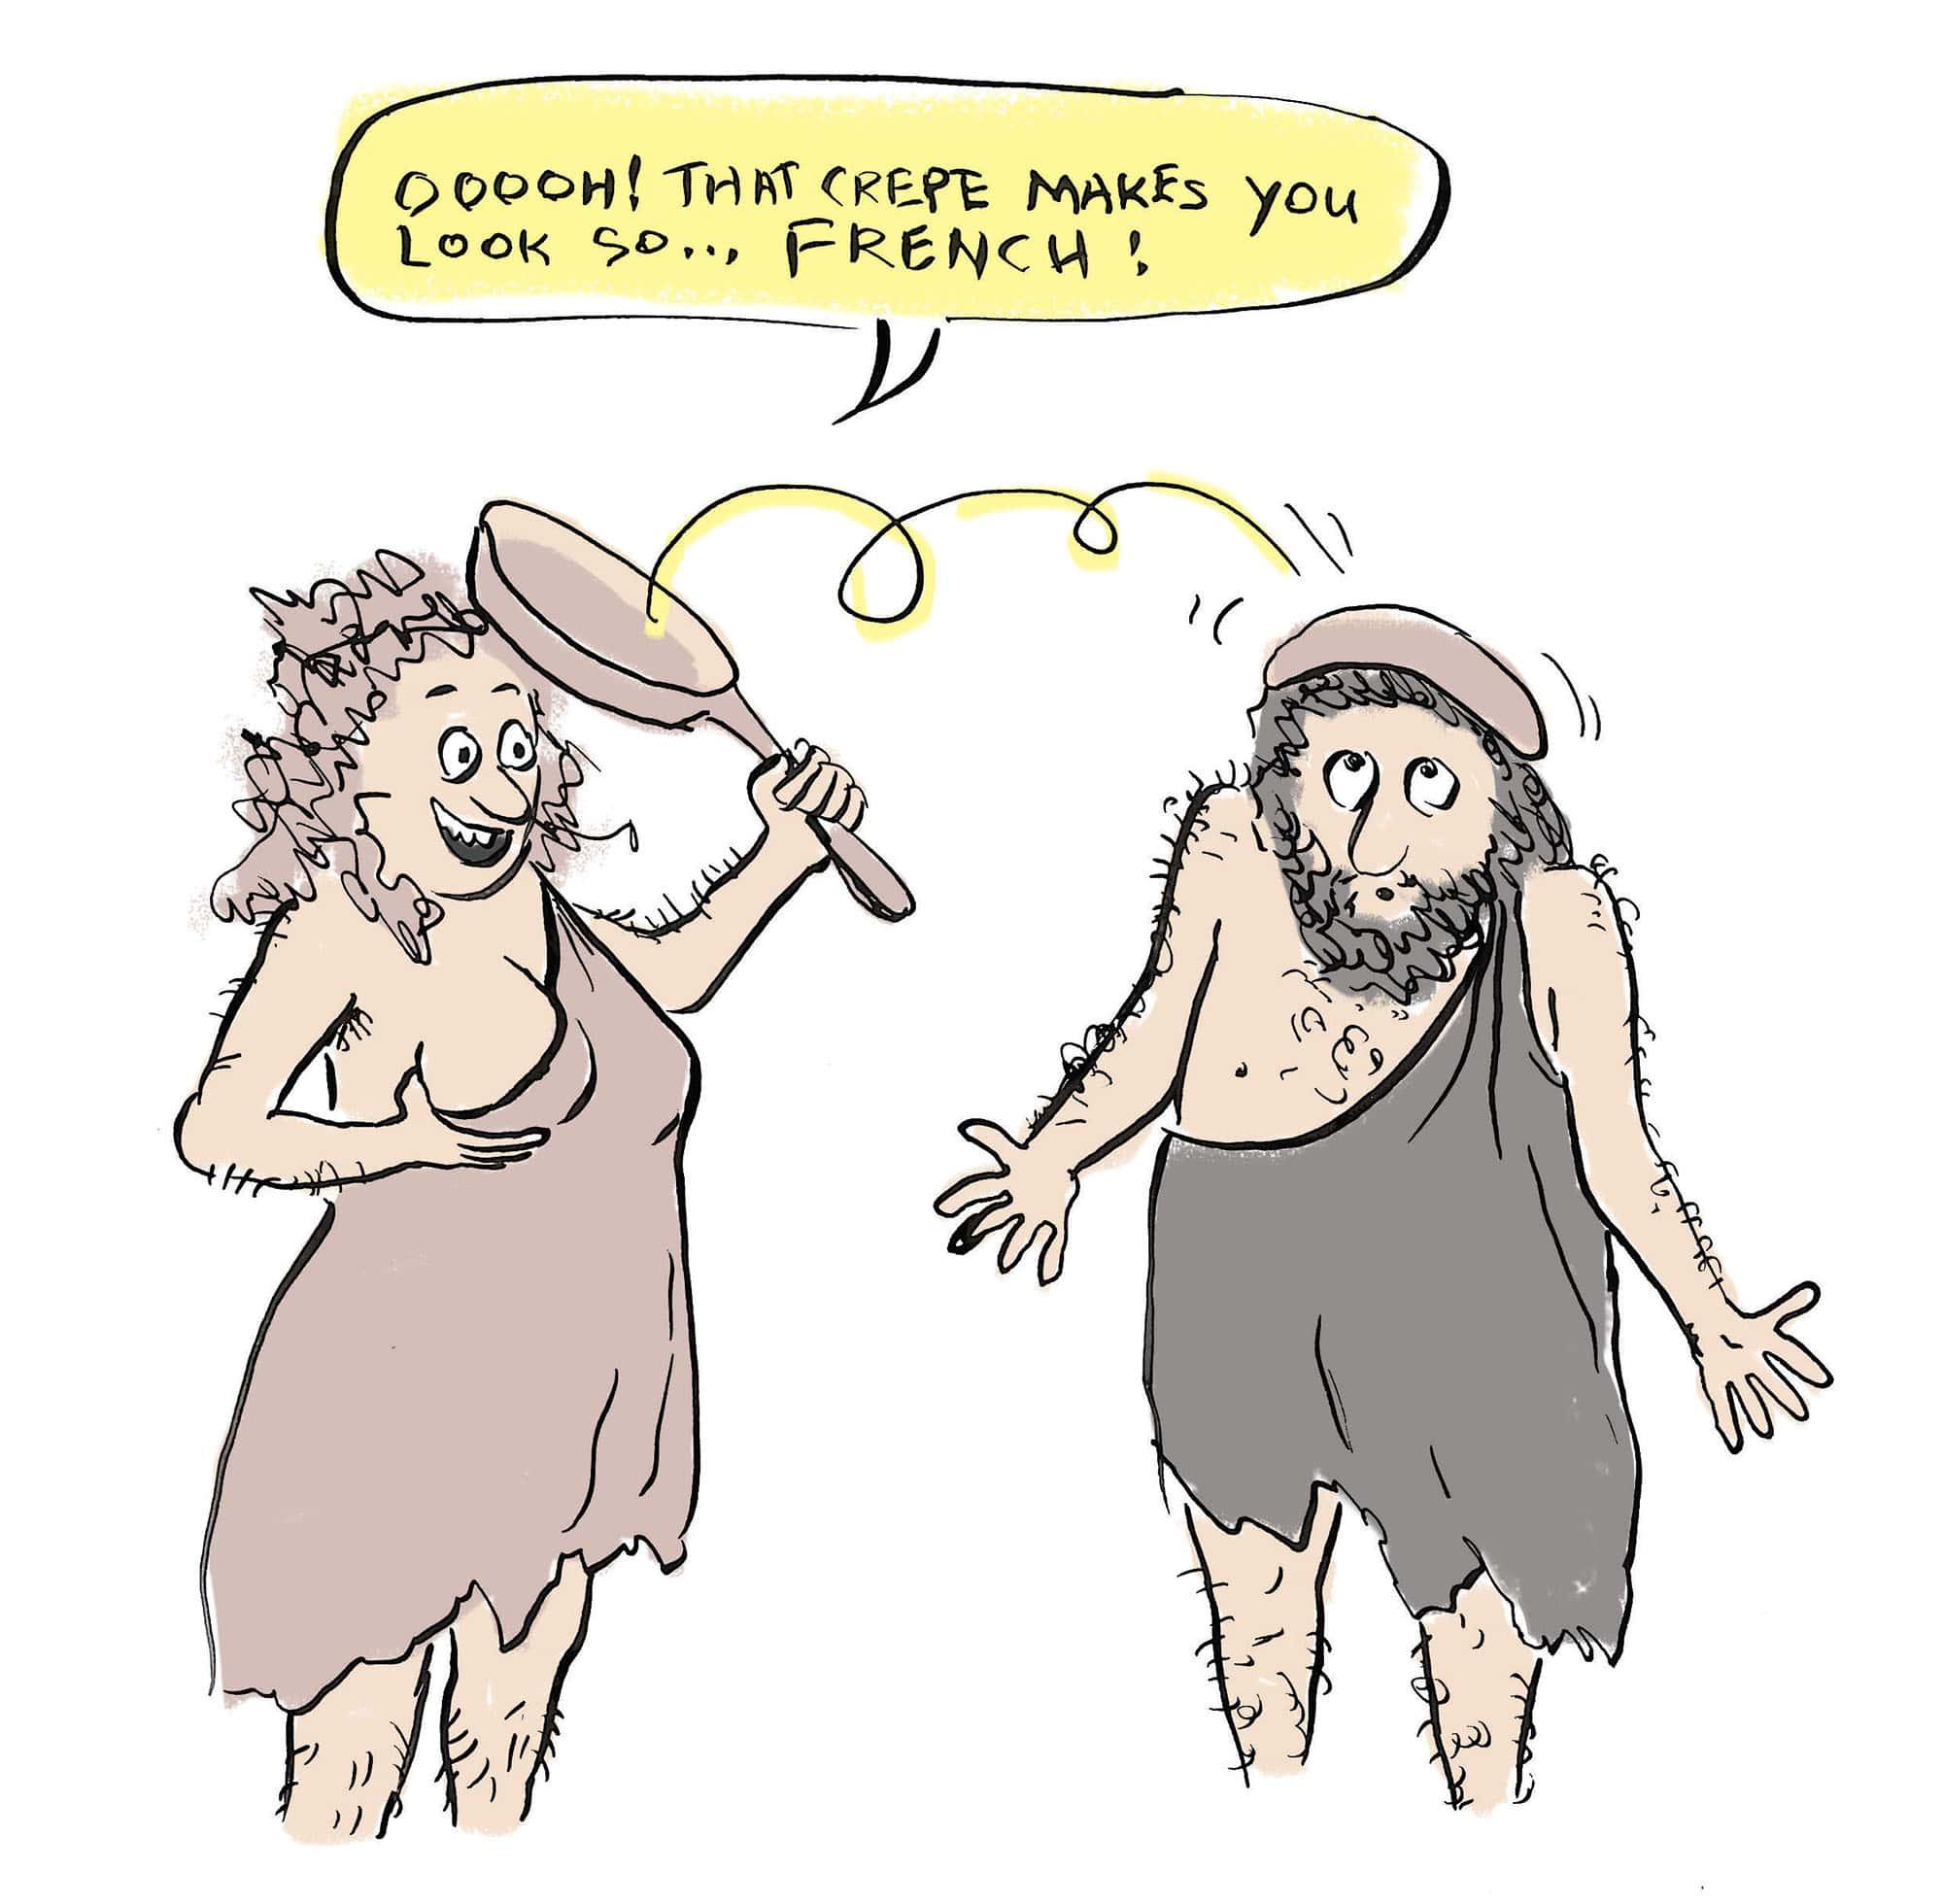 Caveman with crepe beret | © Sarah Morrissette